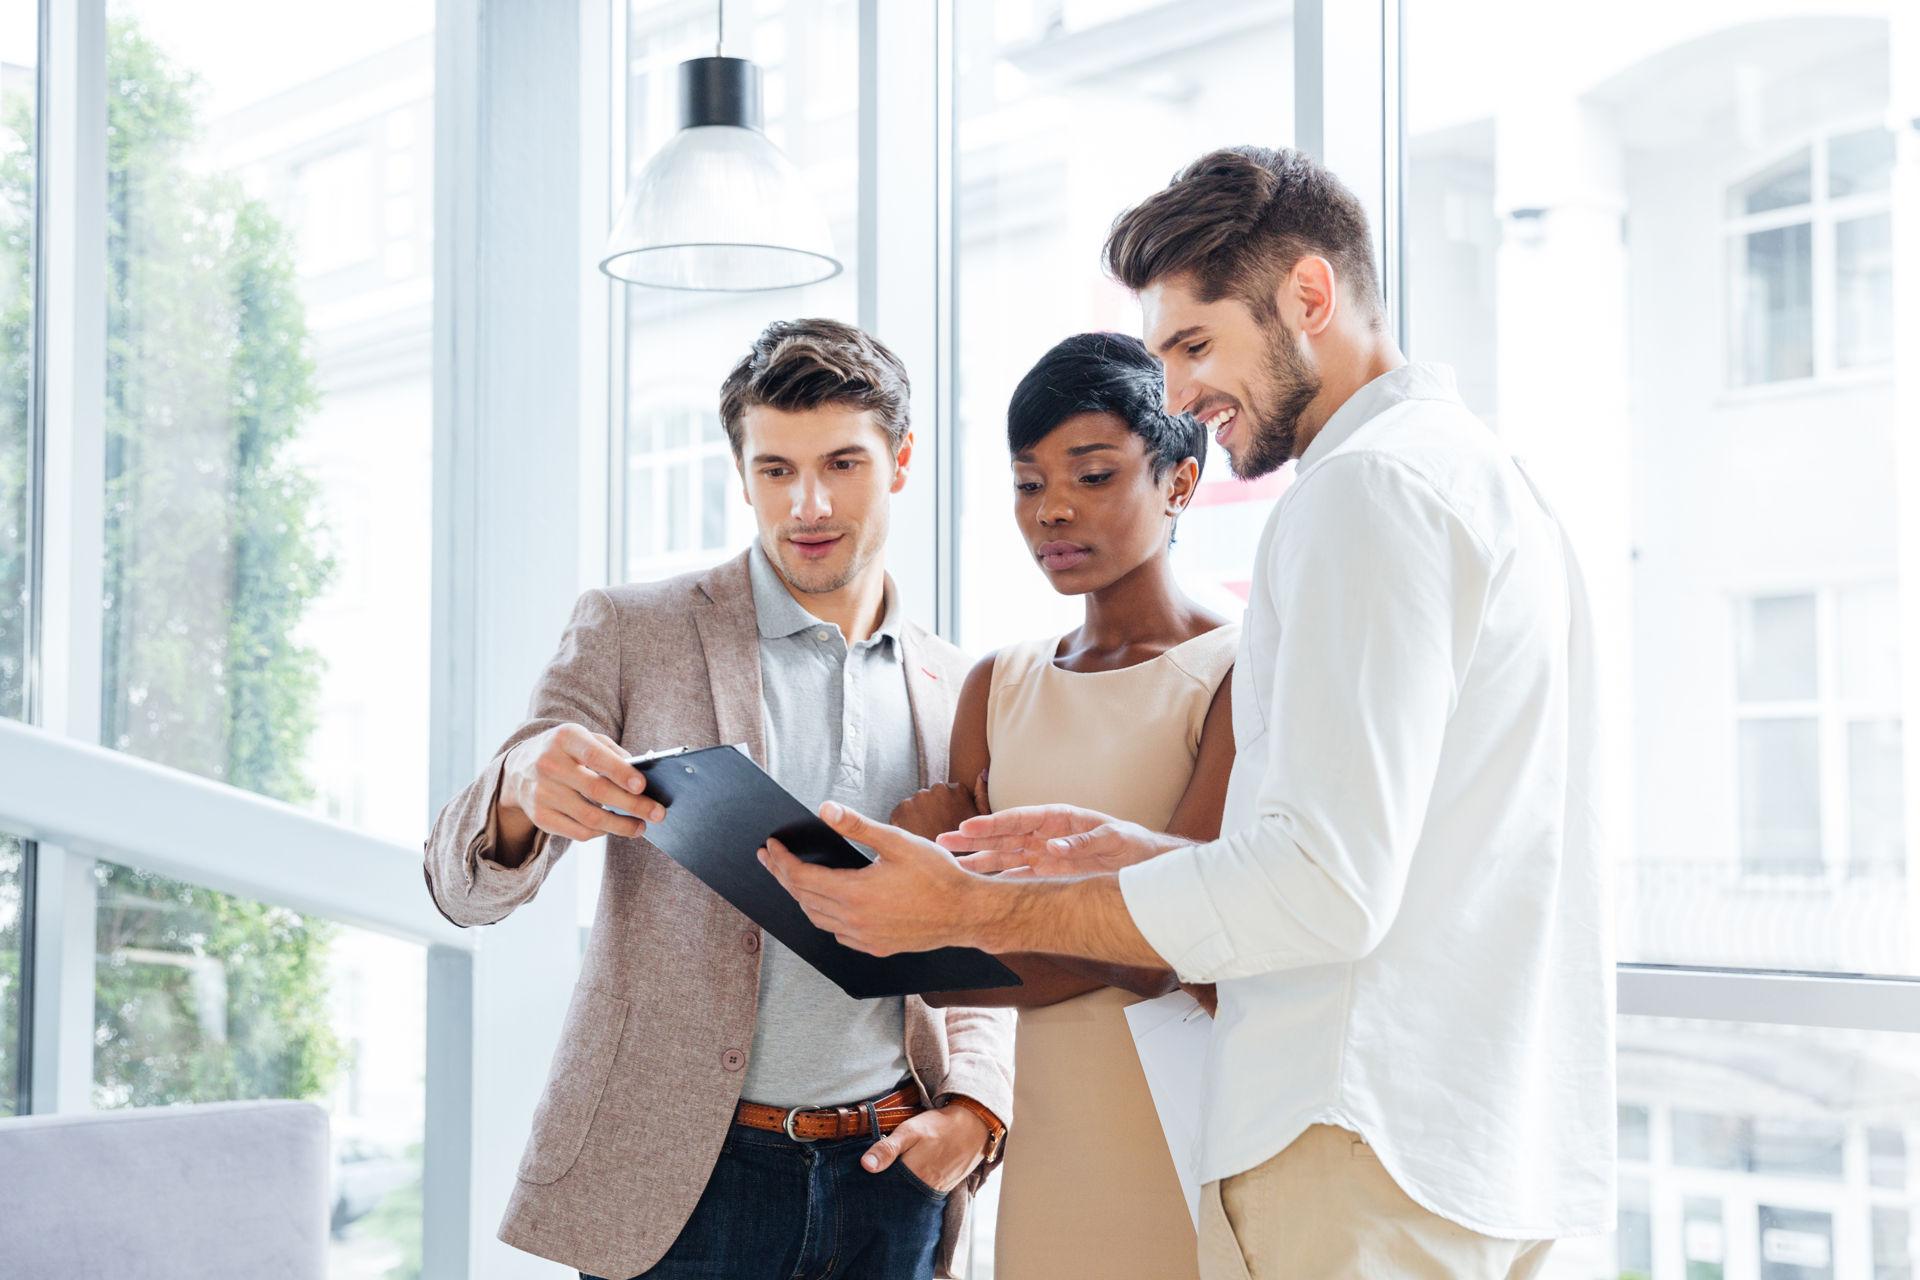 Jovens gestores a discutir a estrutura de um plano de negócios